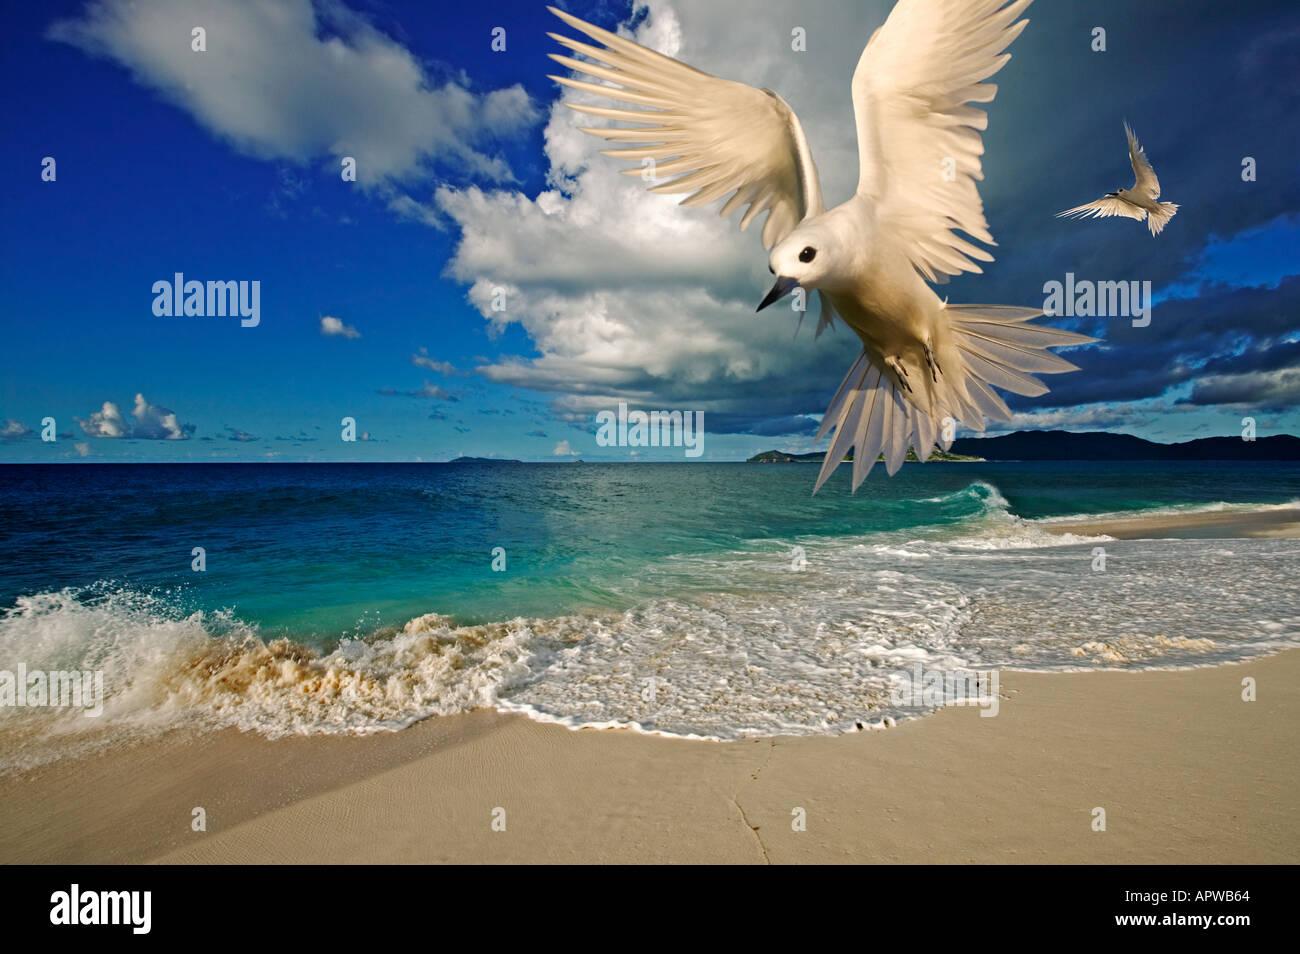 Escena de playa tropical con blanco fairy tern Gygis alba Cousine Island Seychelles digitalmente la imagen modificada Imagen De Stock